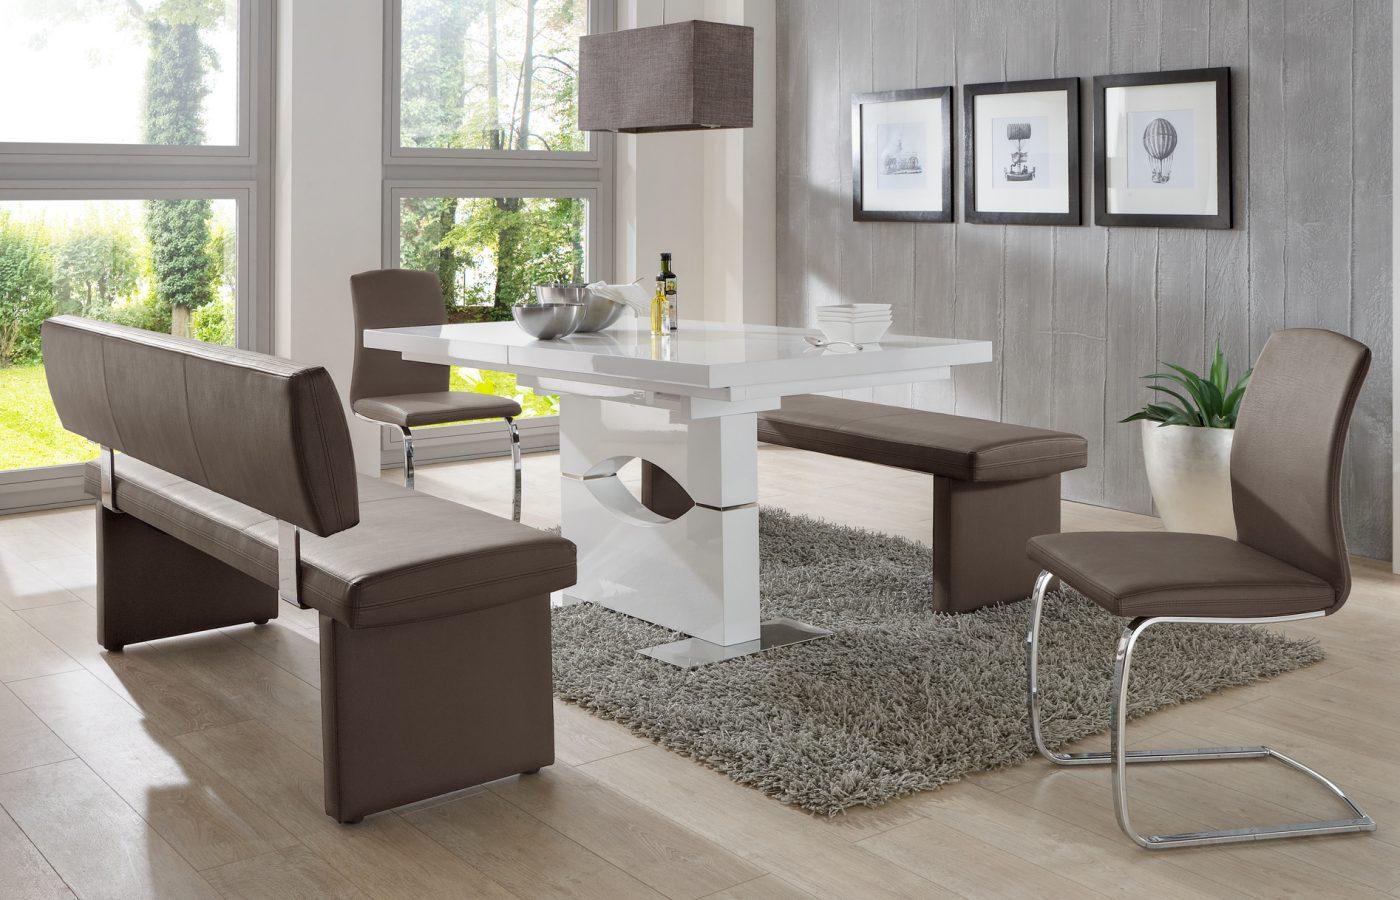 Sitzbank esszimmer design: esszimmer designer kaufen sie auf ...